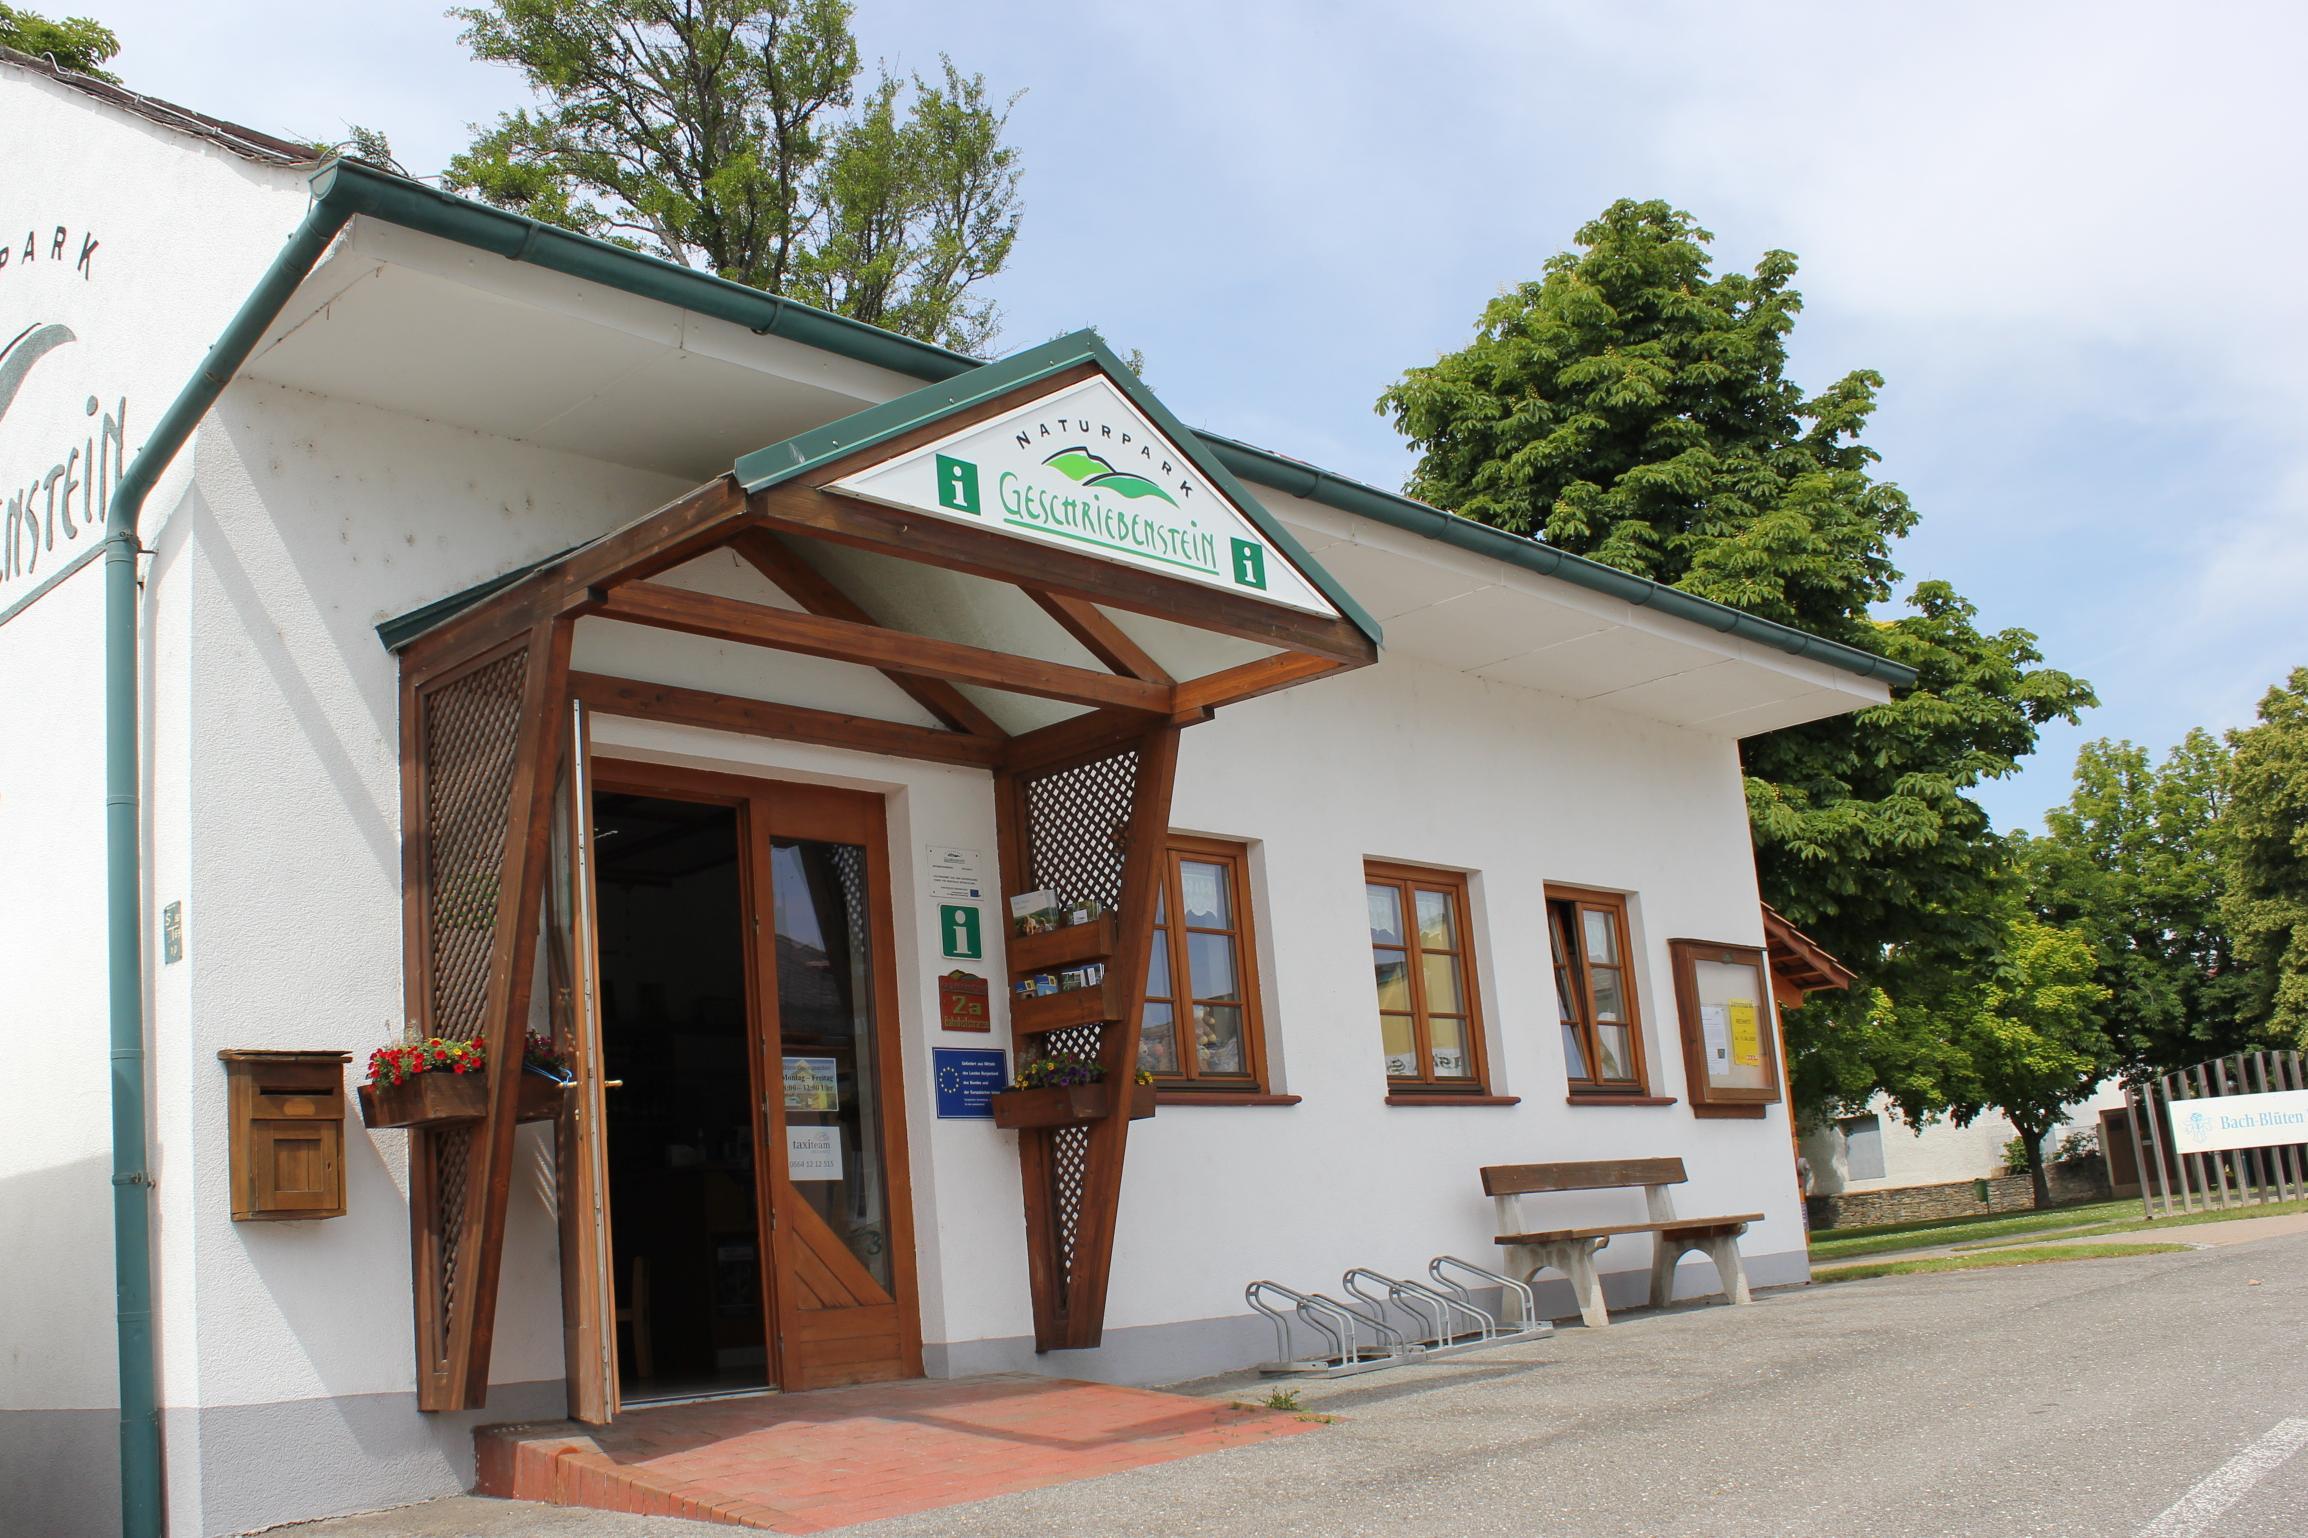 Informationsbüro und Dorfladen Geschriebenstein, Rechnitz, Südburgenland